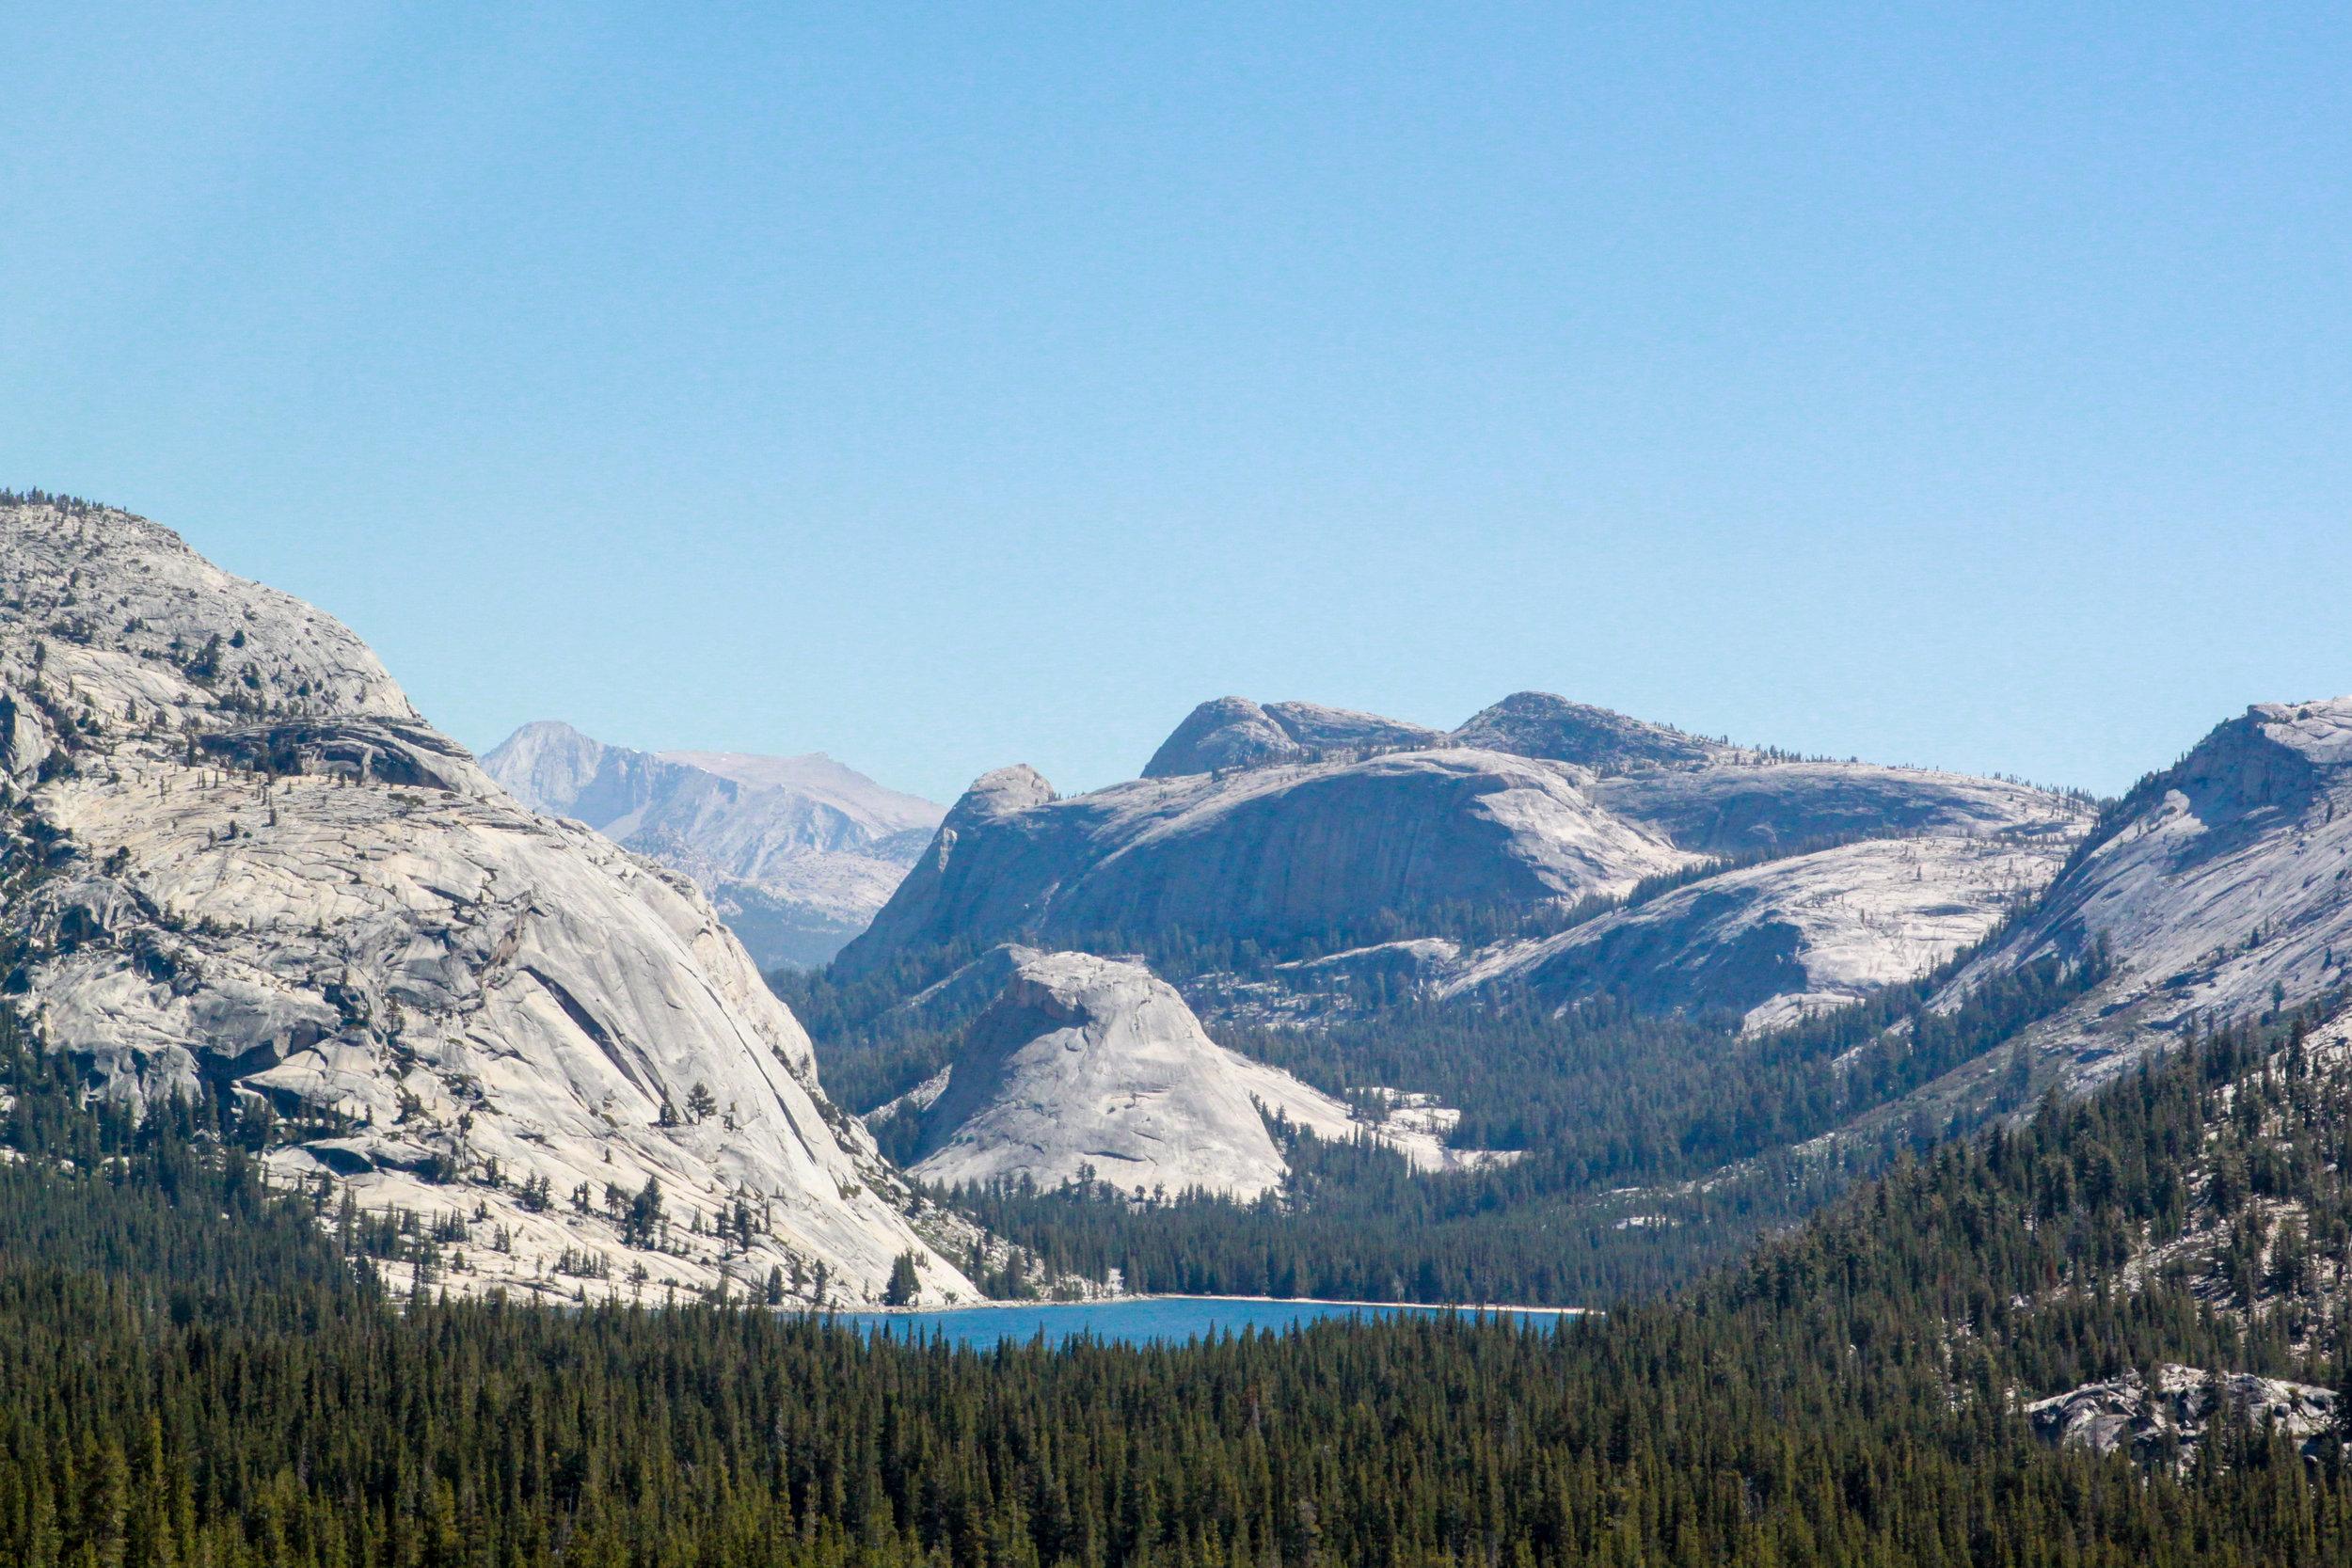 View of Tenaya Lake from Tioga Pass, 2012